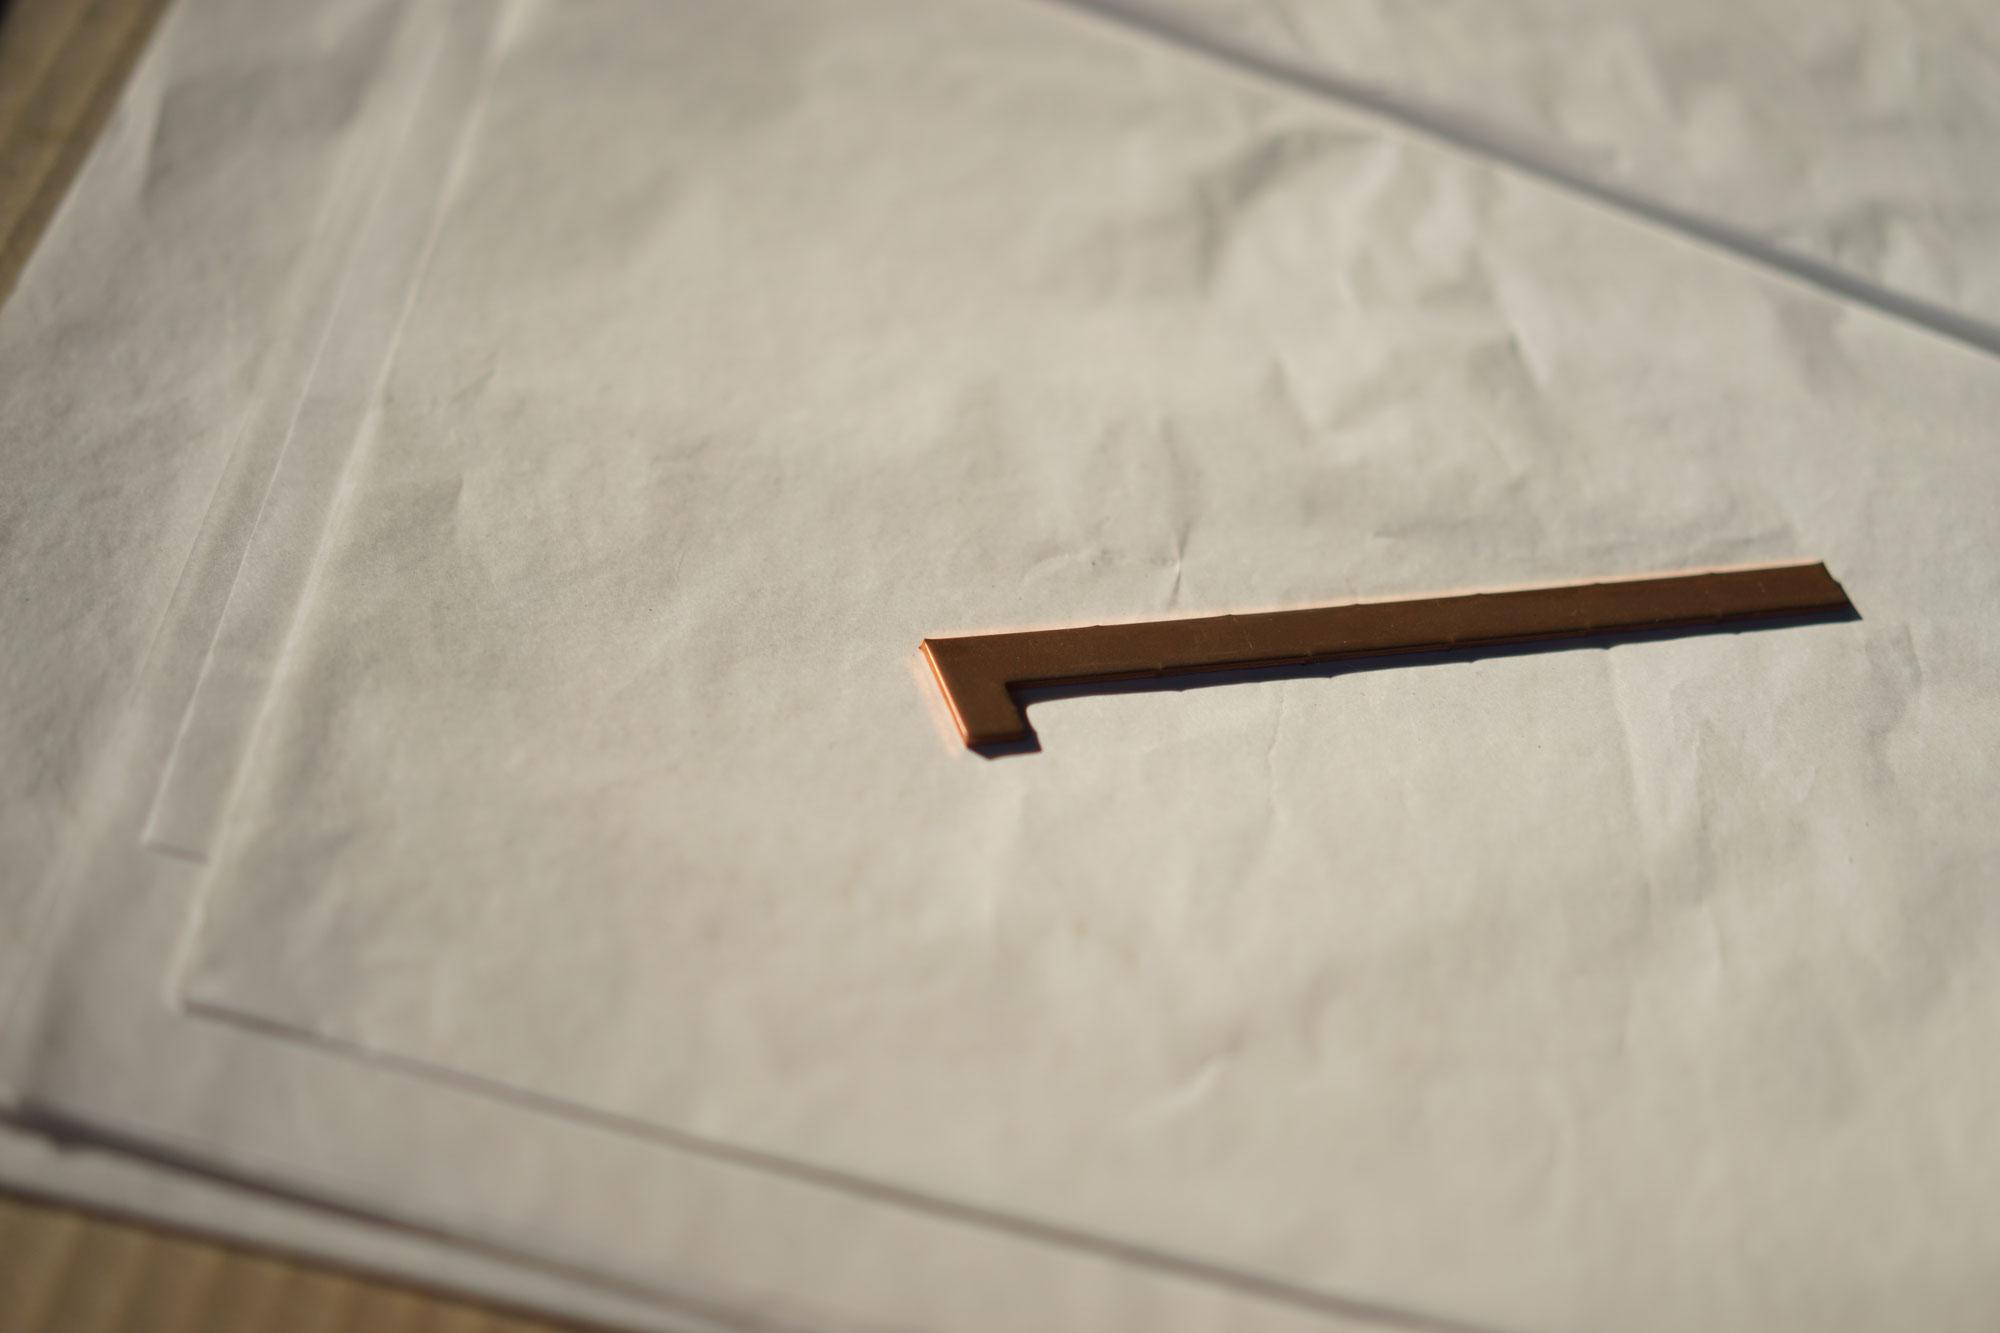 タレットパンチプレス・穴あけ・曲げ